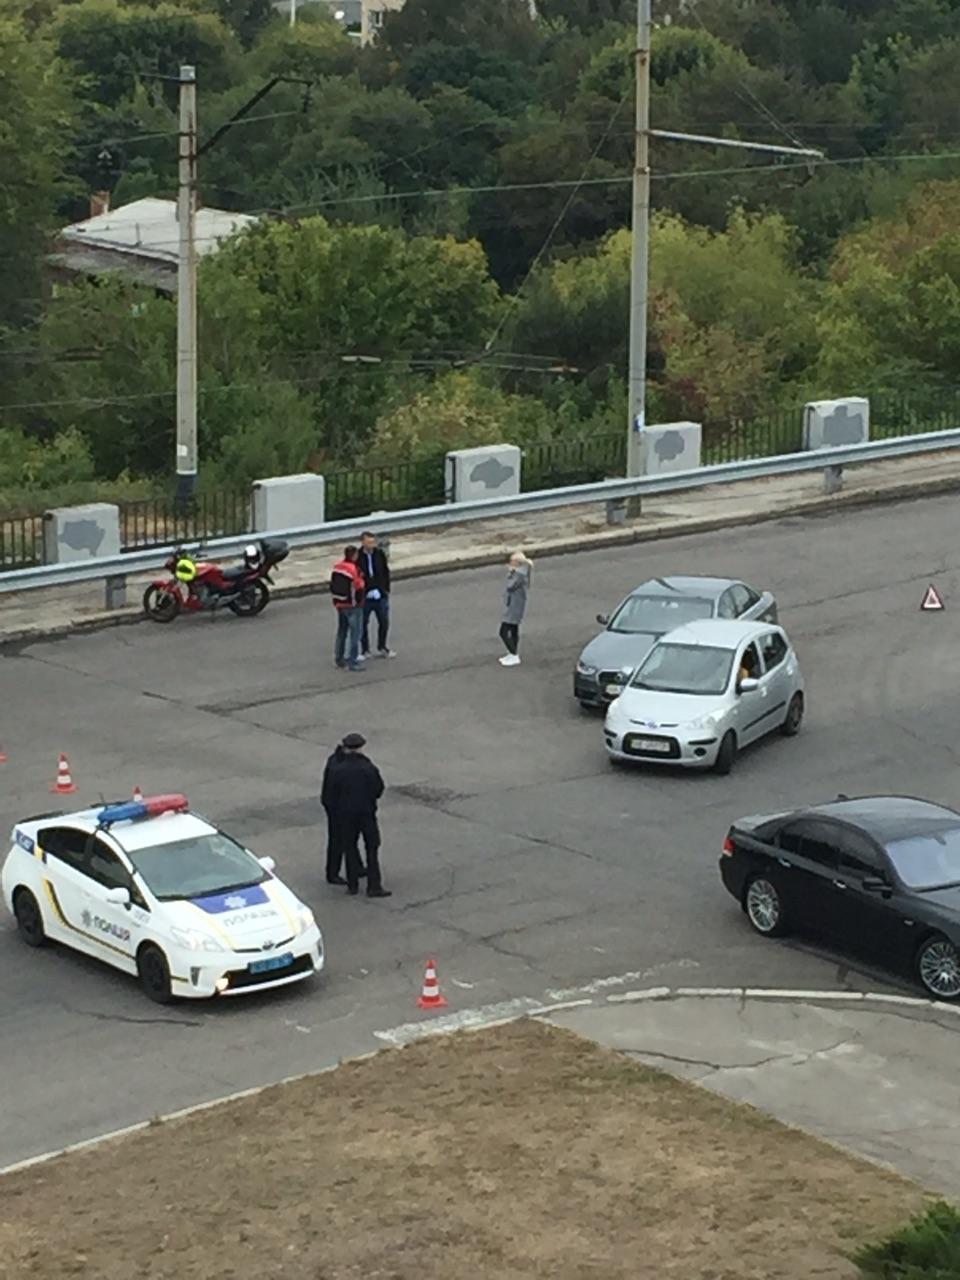 Из-за несоблюдения правил движения возле памятника Славы случилось ДТП